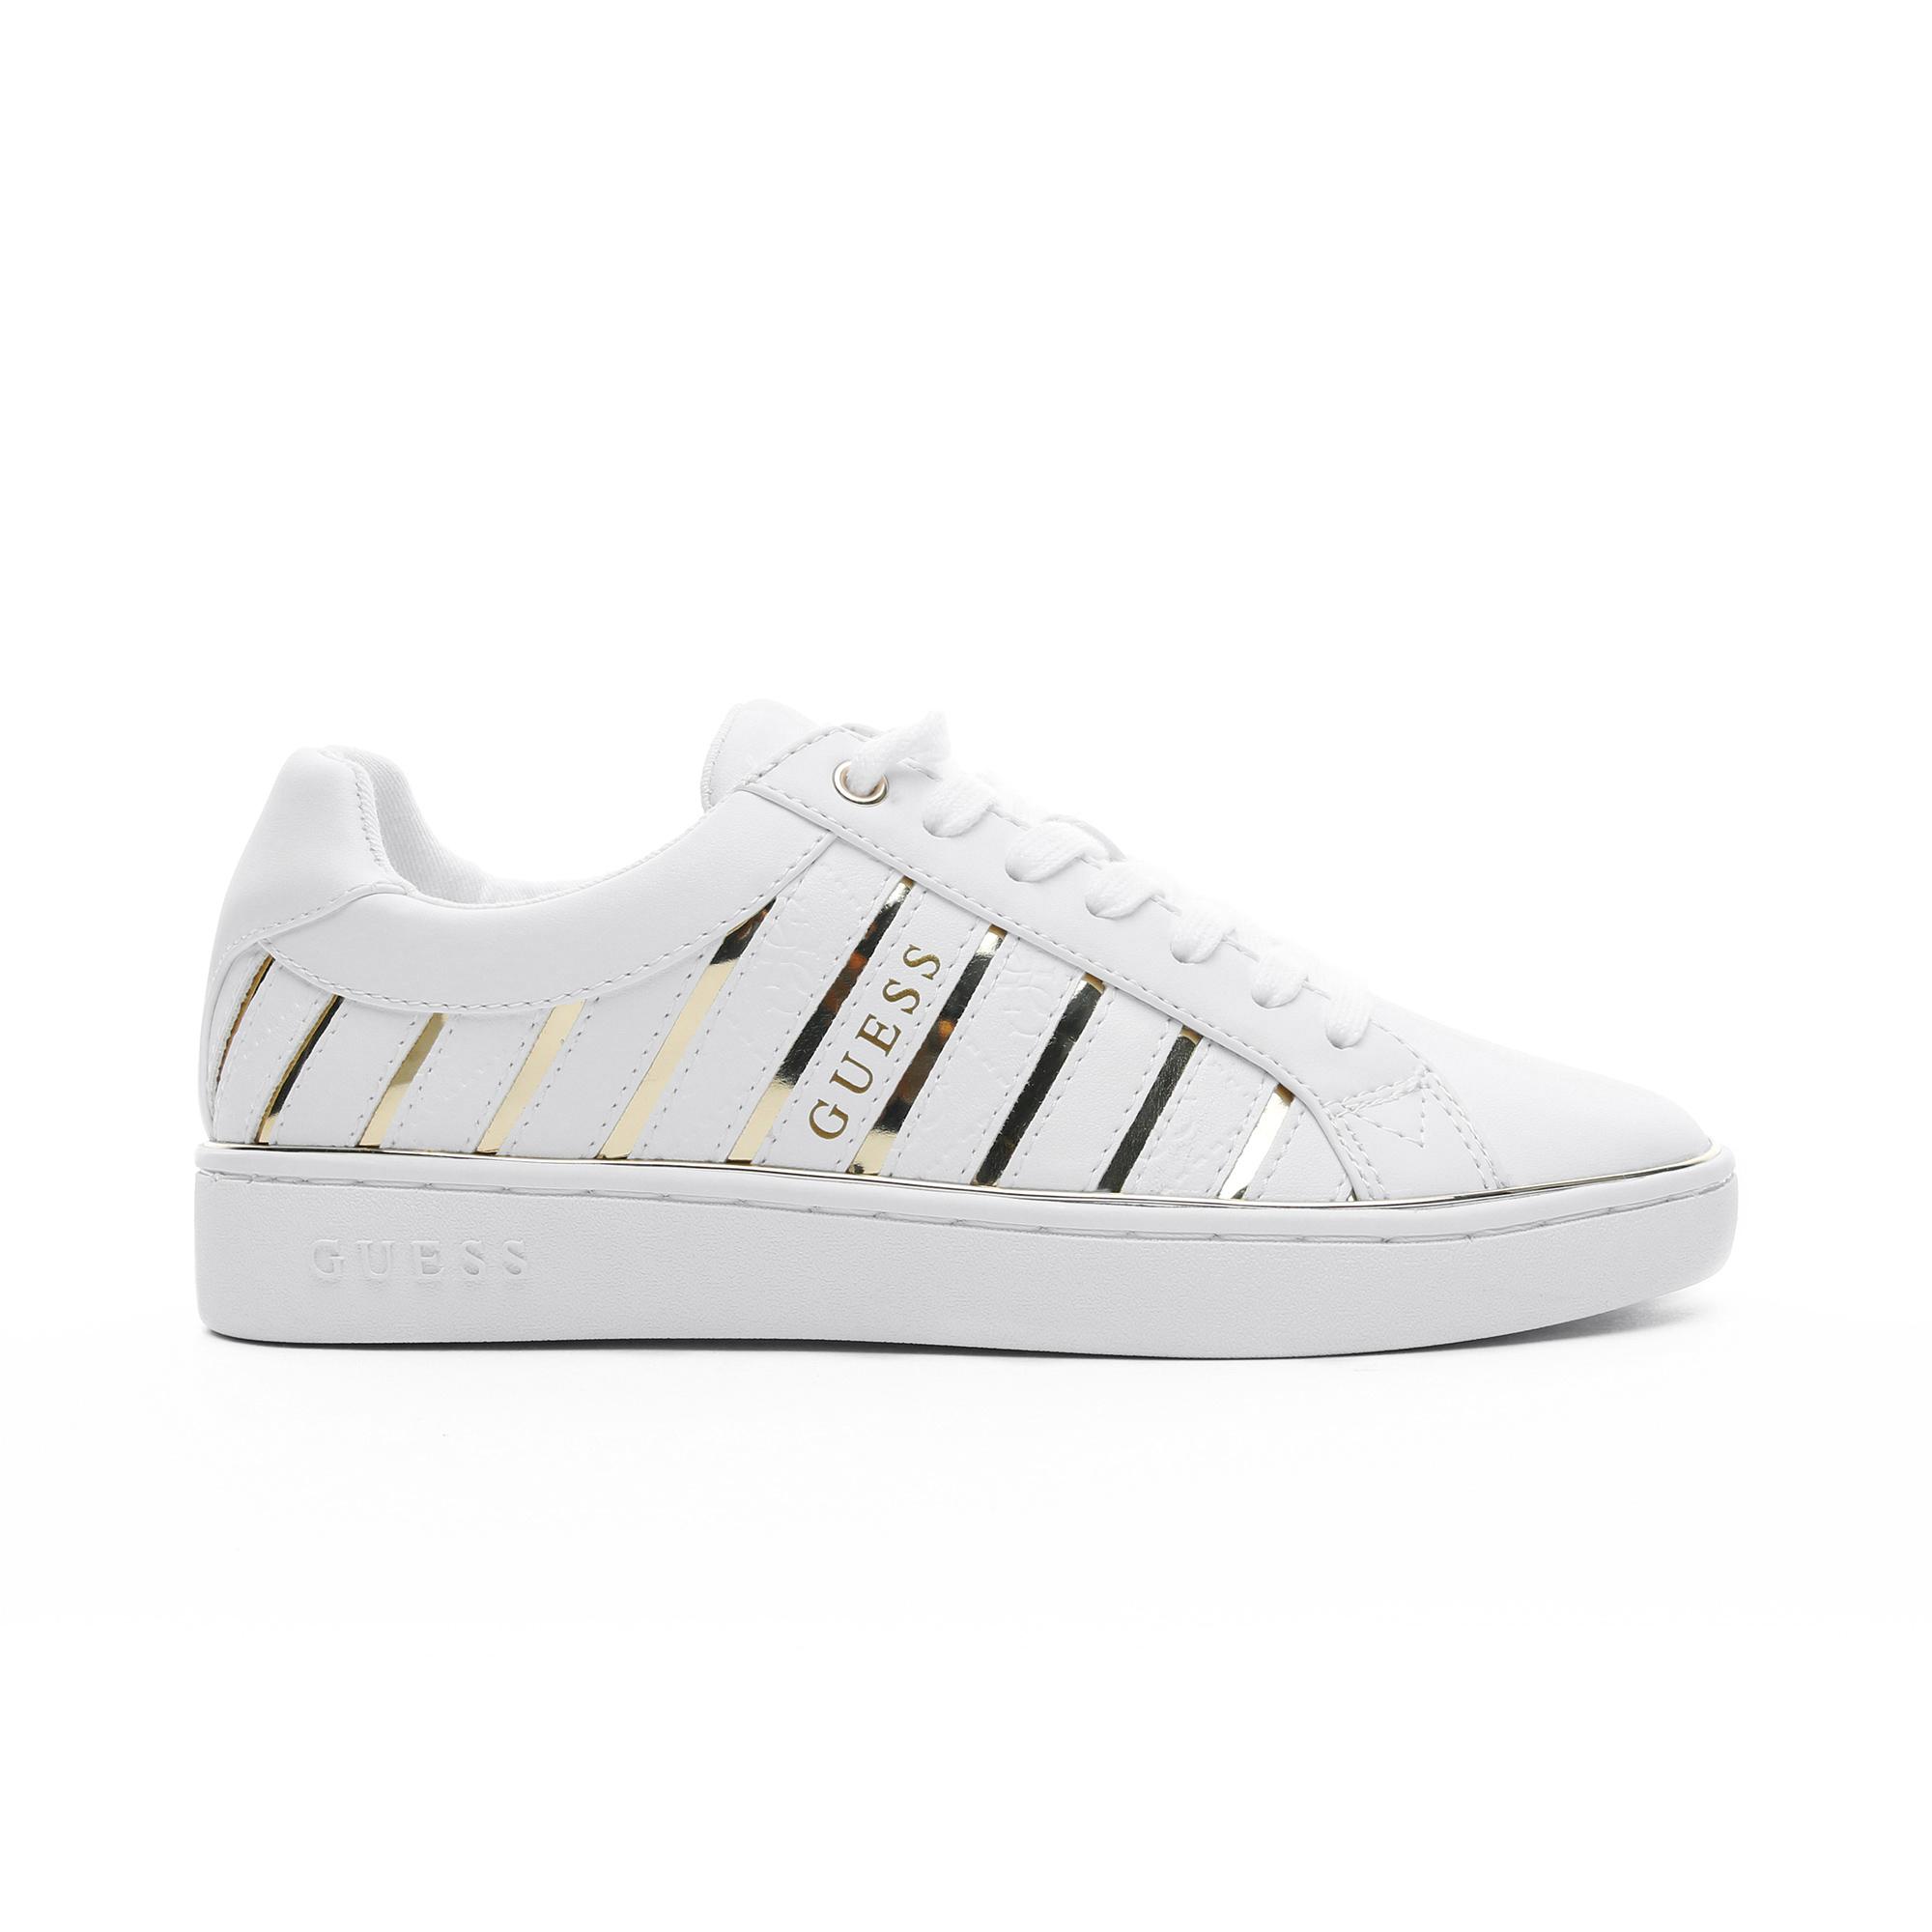 Guess Bolier Kadın Beyaz-Altın Spor Ayakkabı